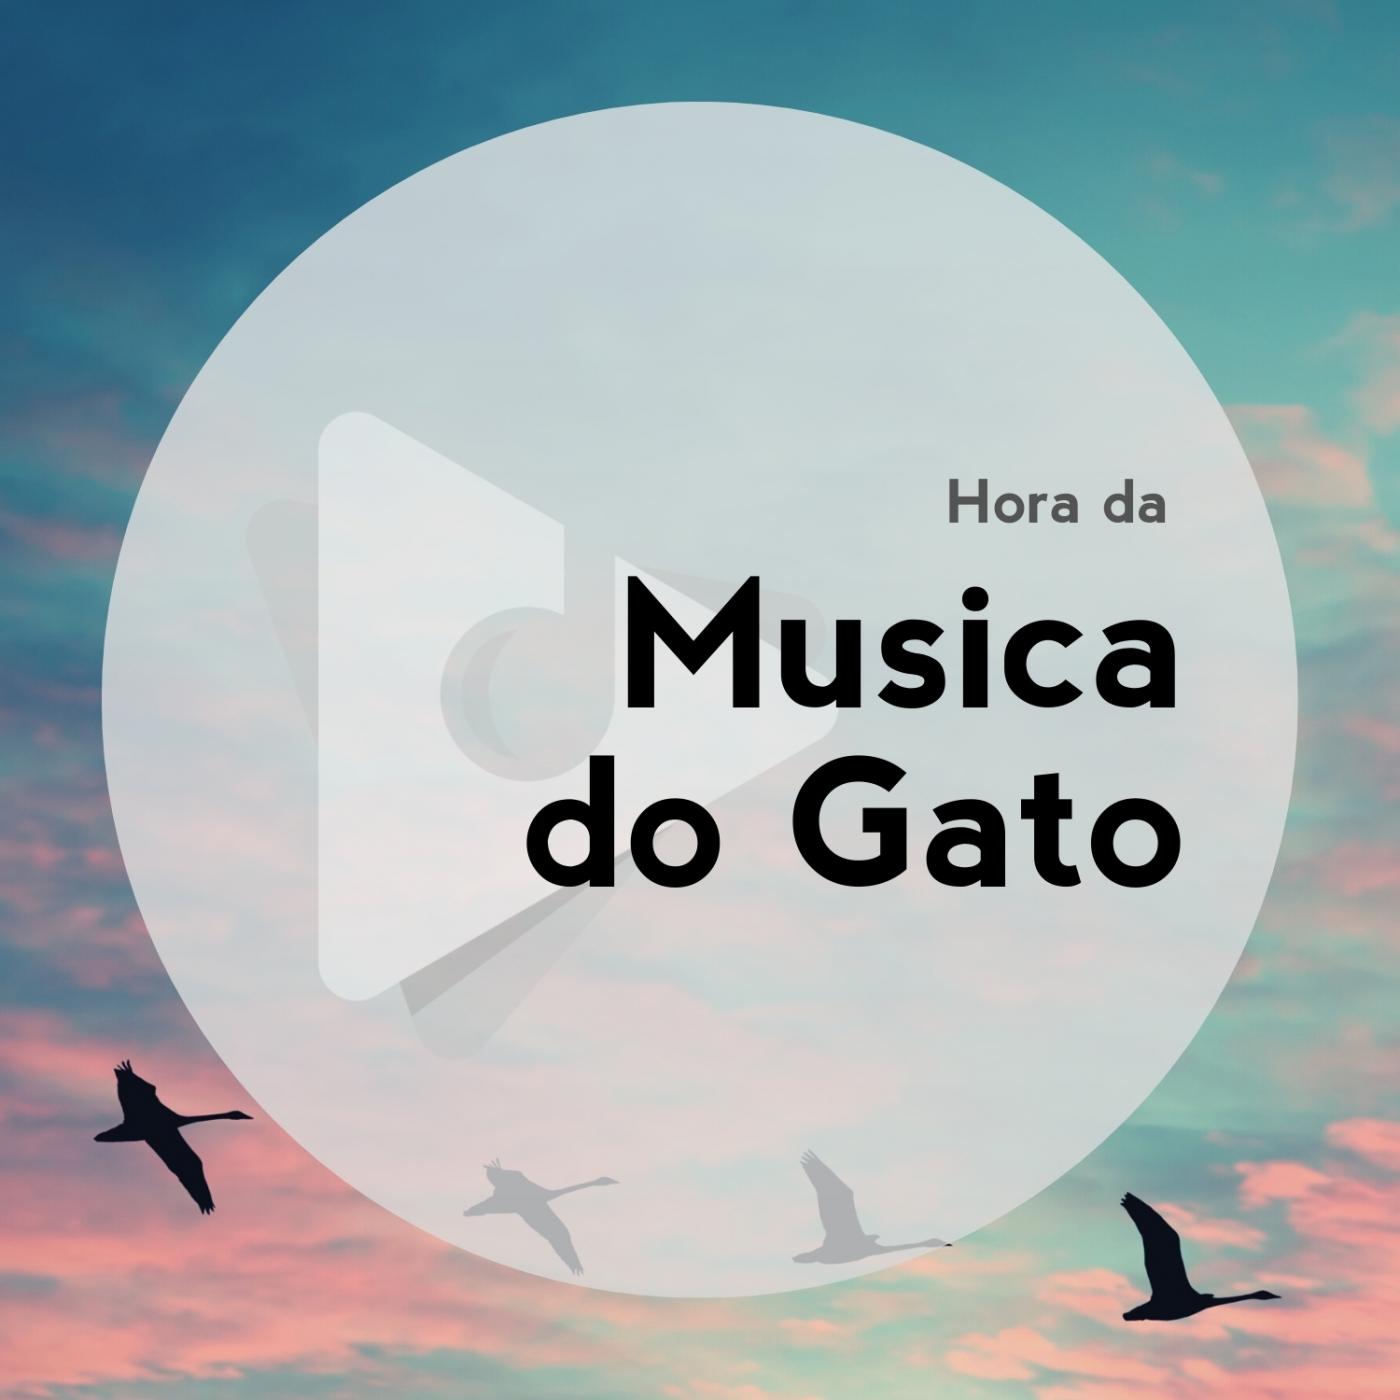 Hora da Música do Gato